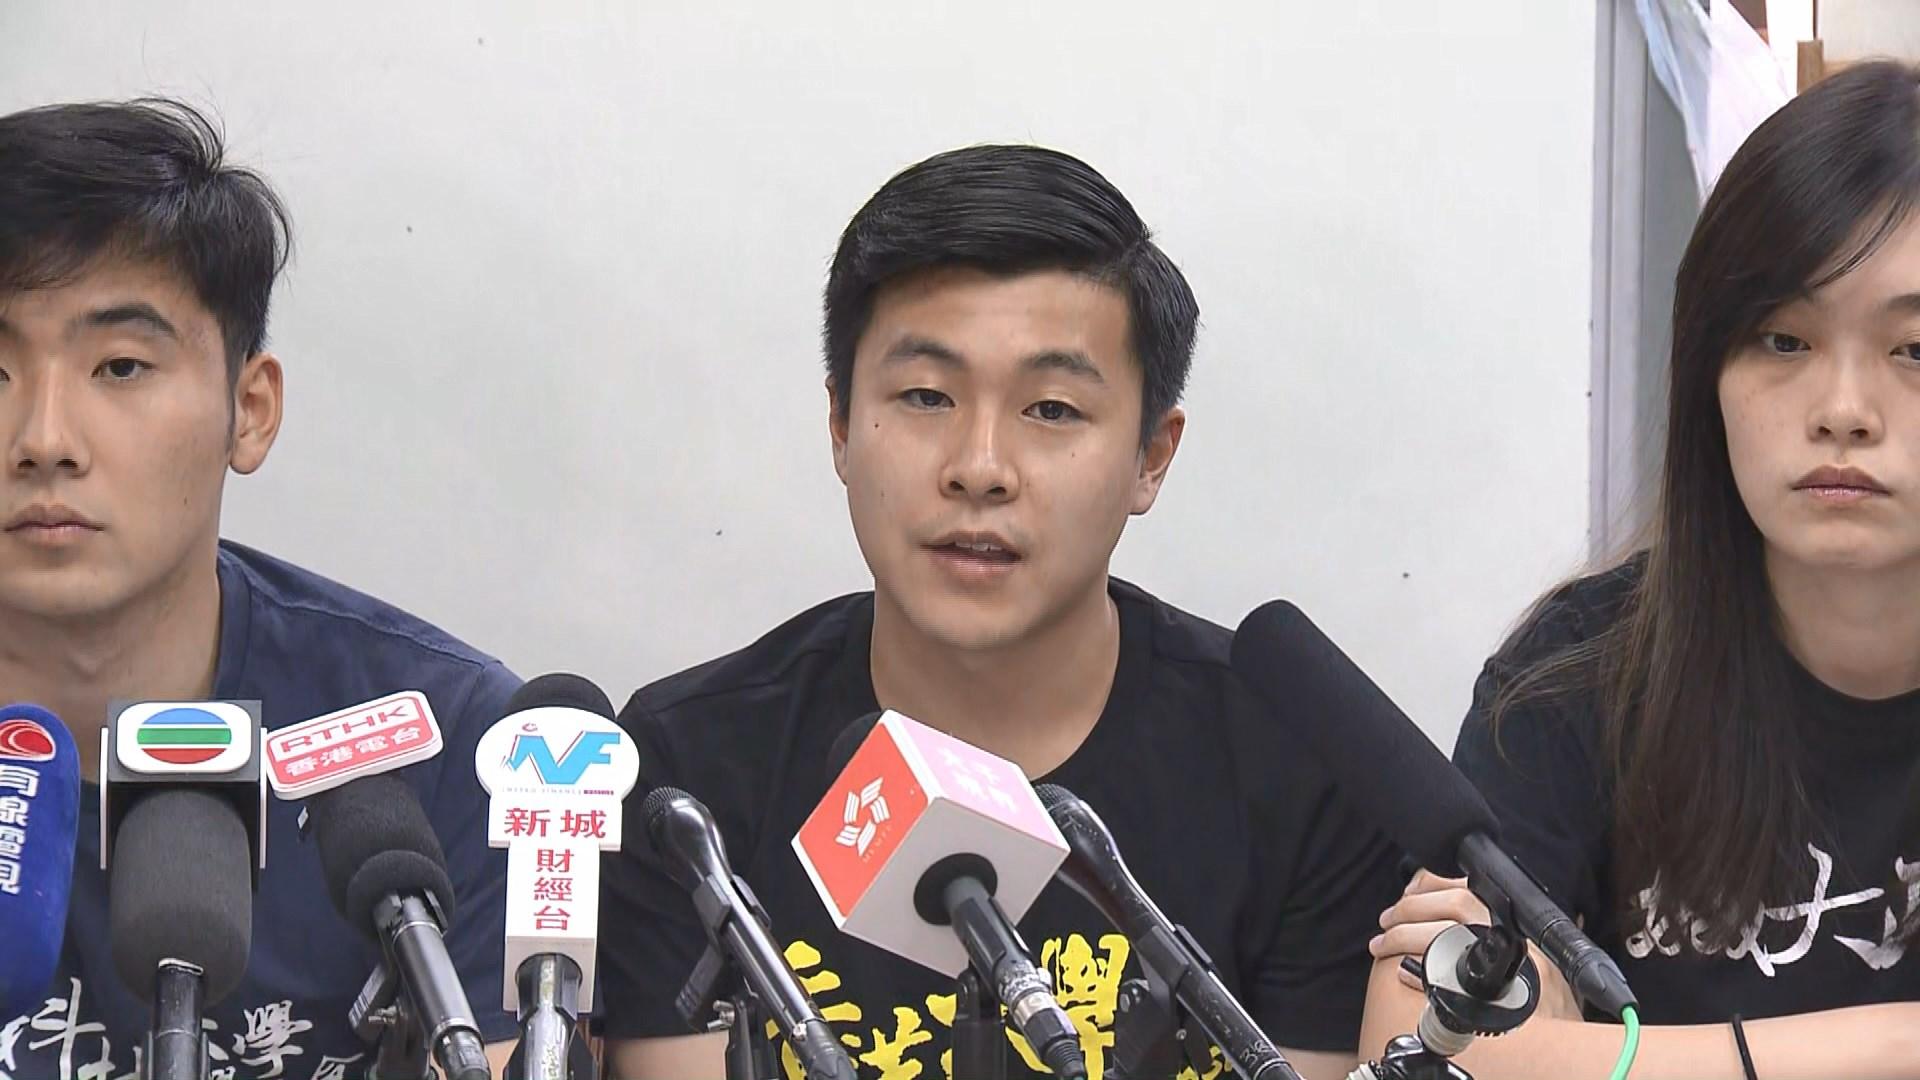 港大學生會:警方聲稱路過 解釋不合理